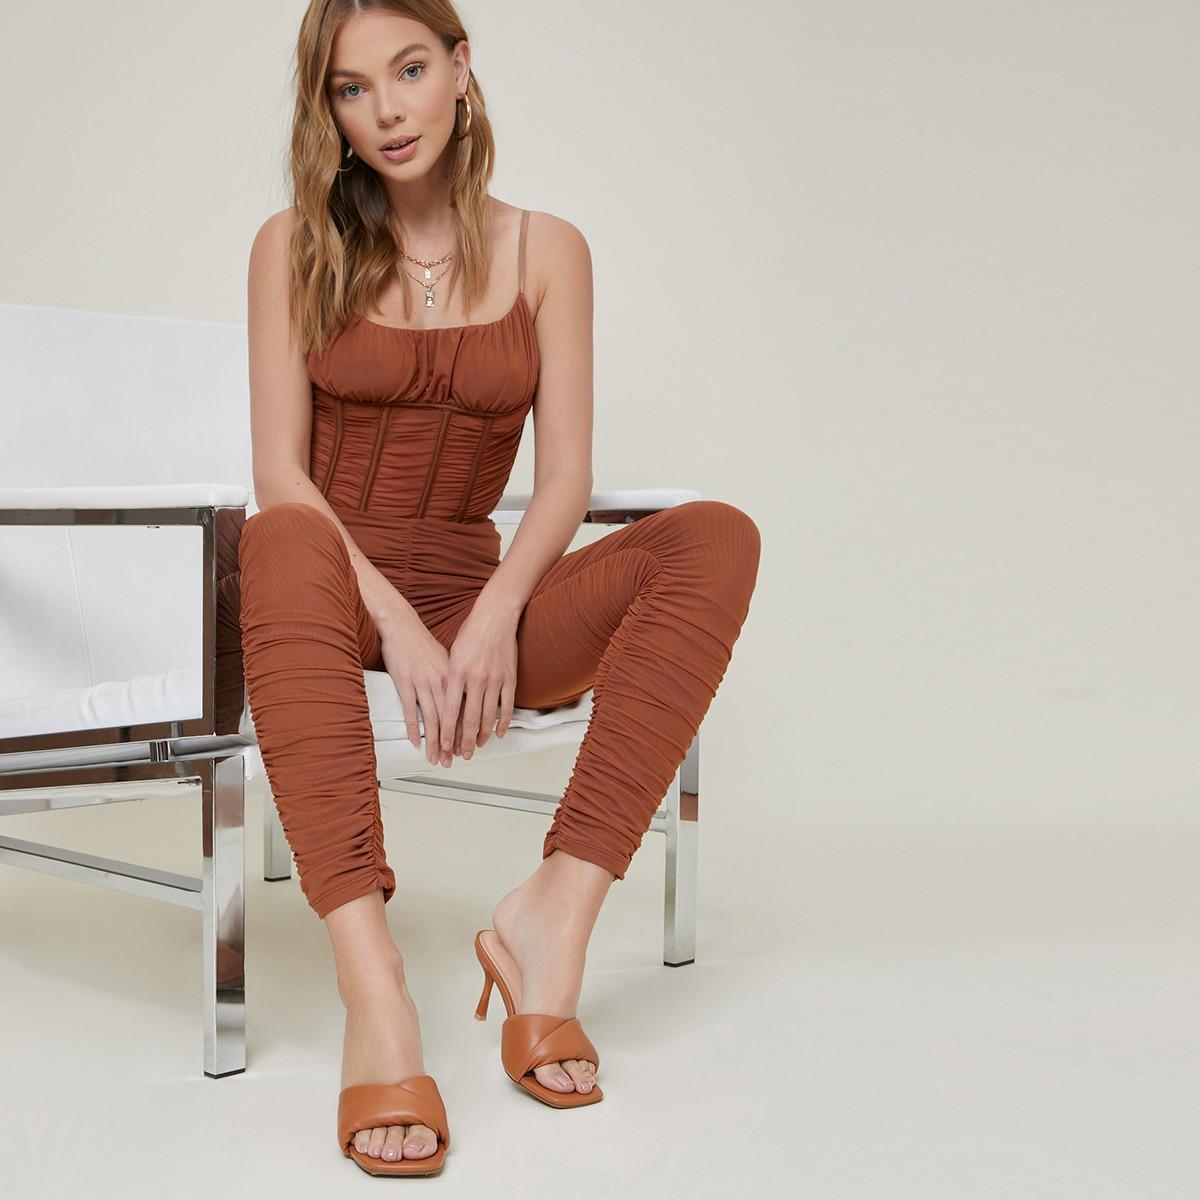 Пышные кожаные туфли на шпильке с открытым носком от SHEIN